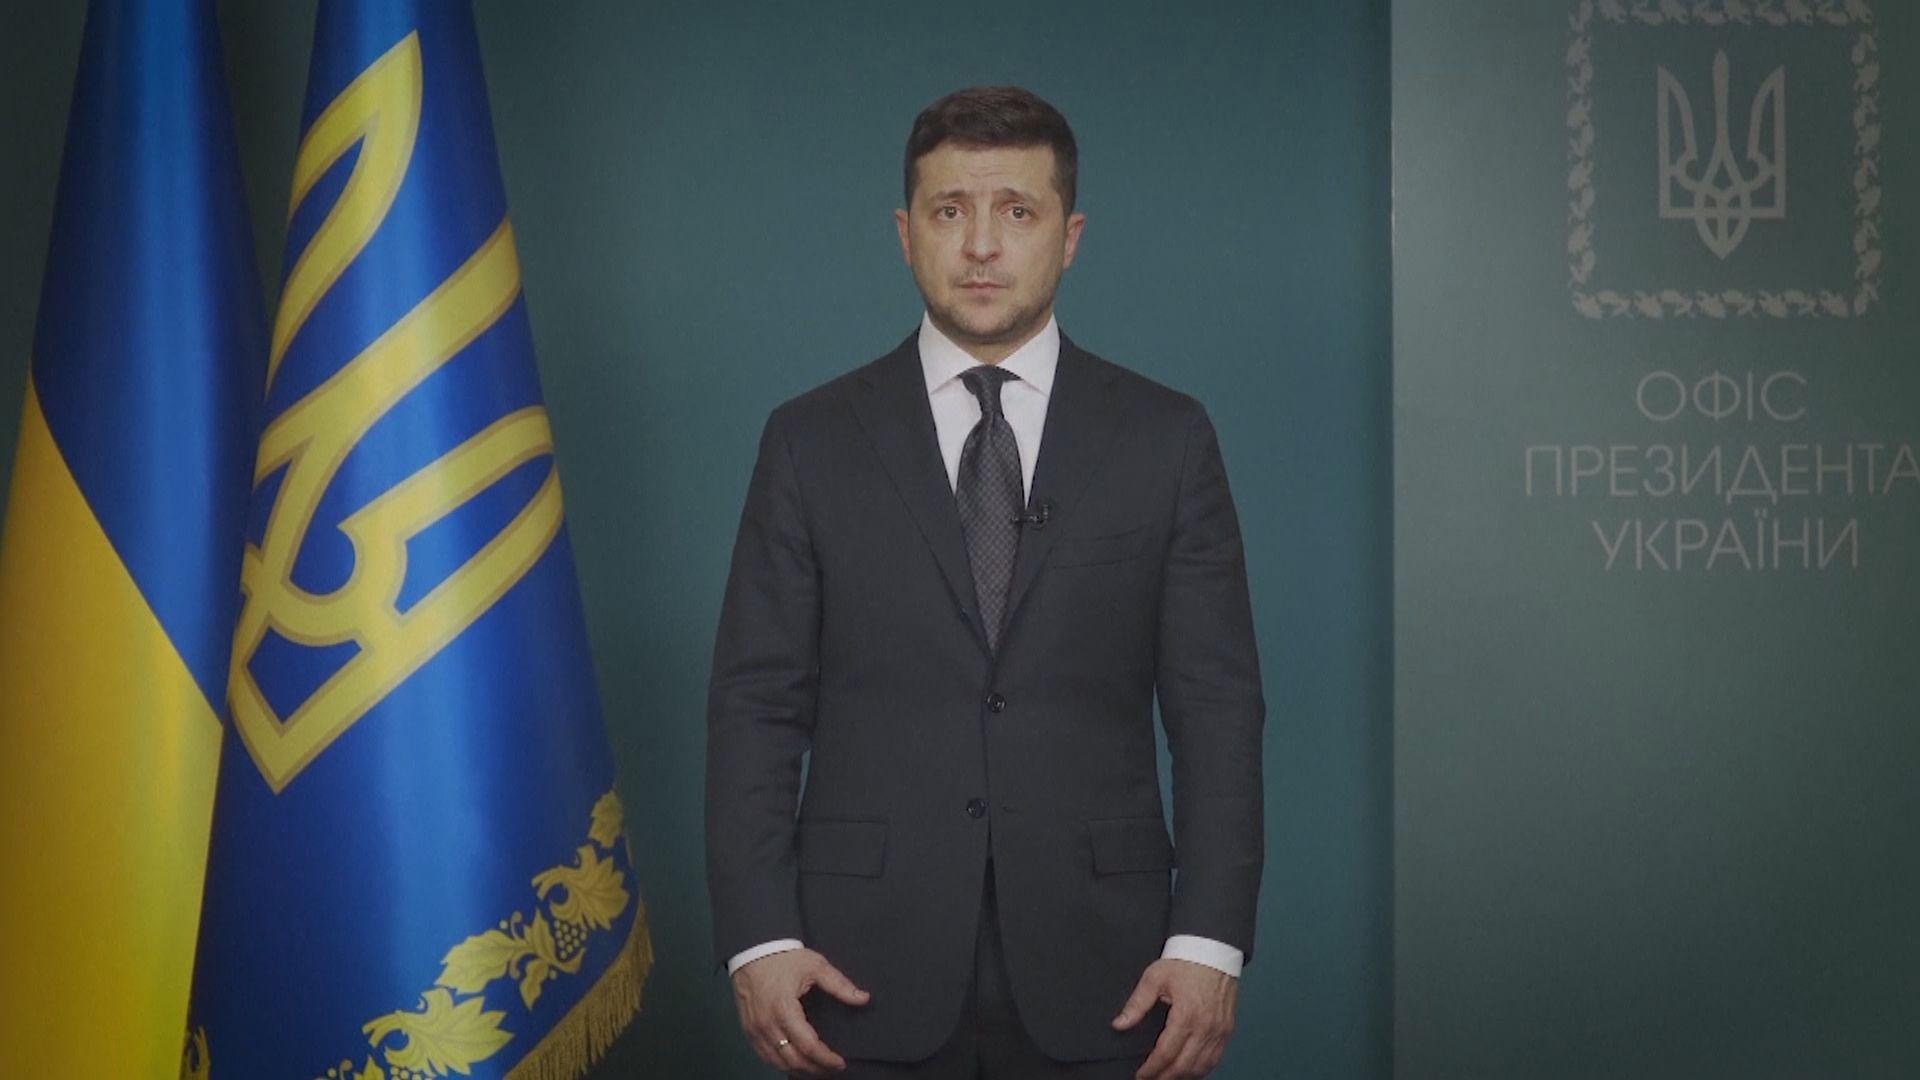 確診感染新冠病毒烏克蘭總統澤連斯基入院隔離治療